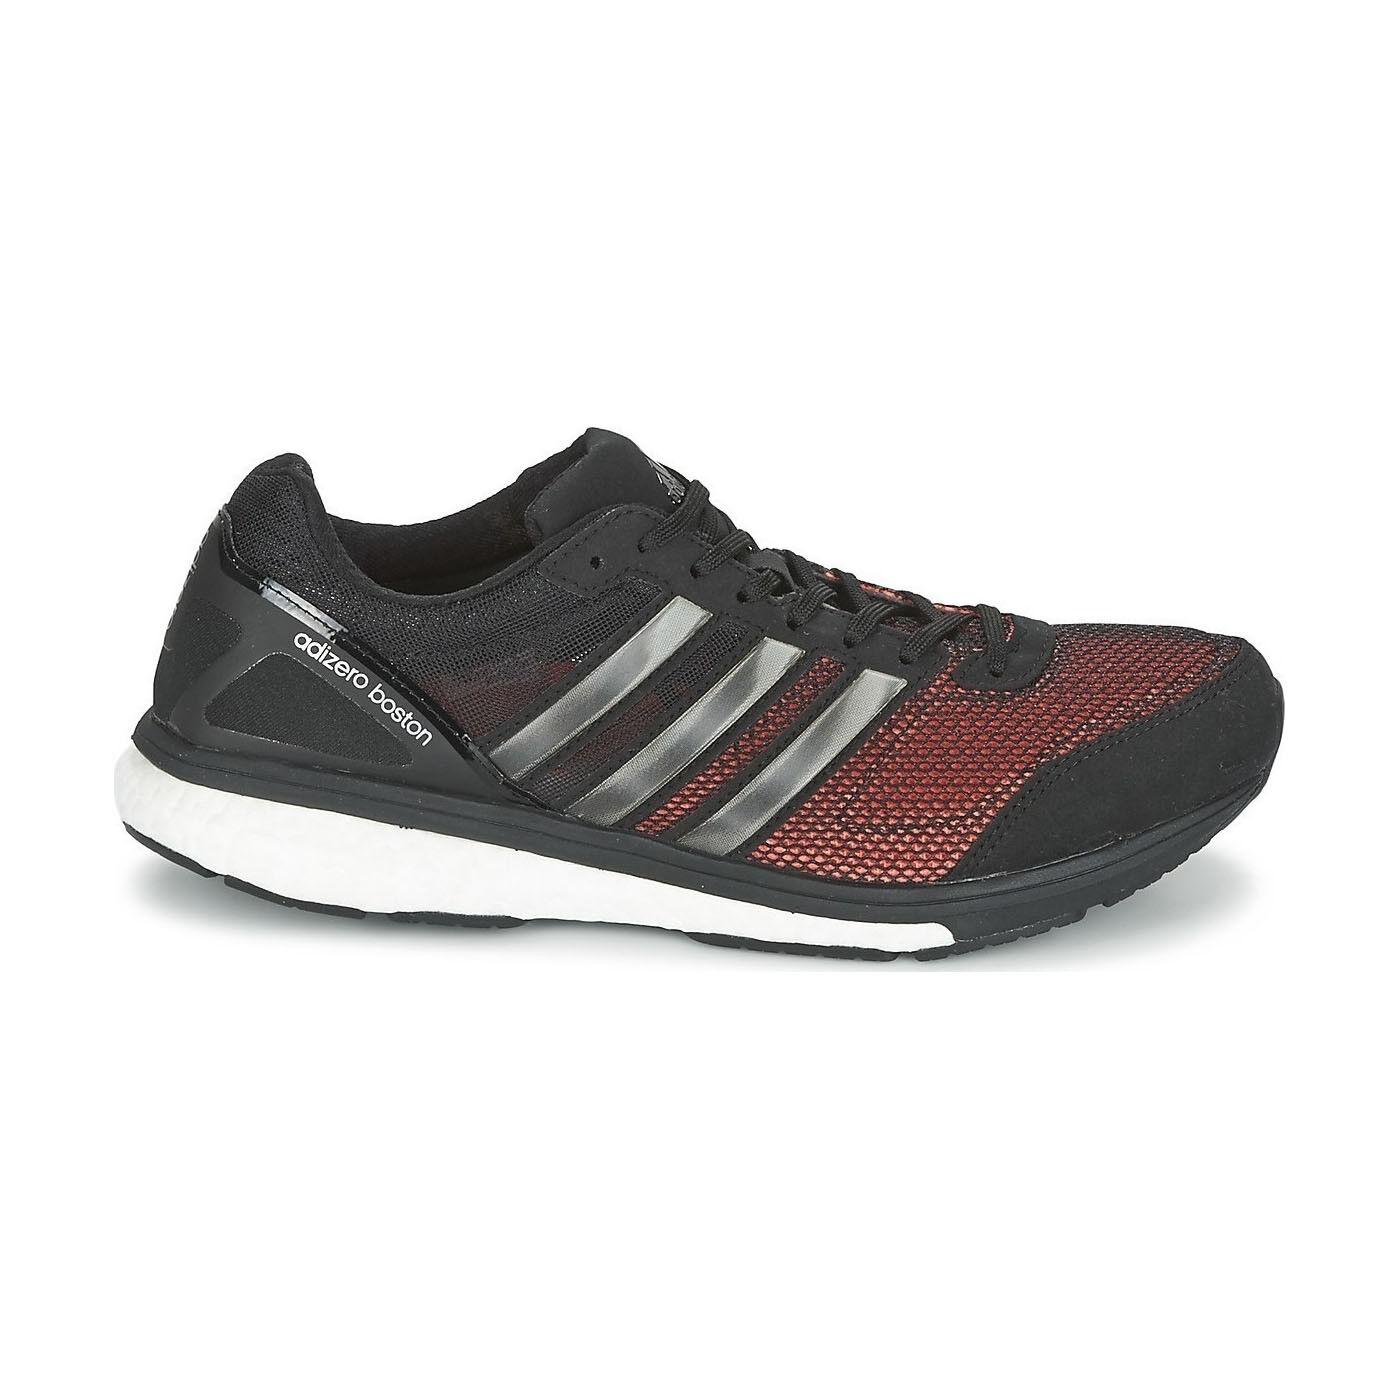 Nouveau Adidas Adizero Boston bottes 5 S78210 noir chaussures De Course hommes Toutes les Tailles de pointe.